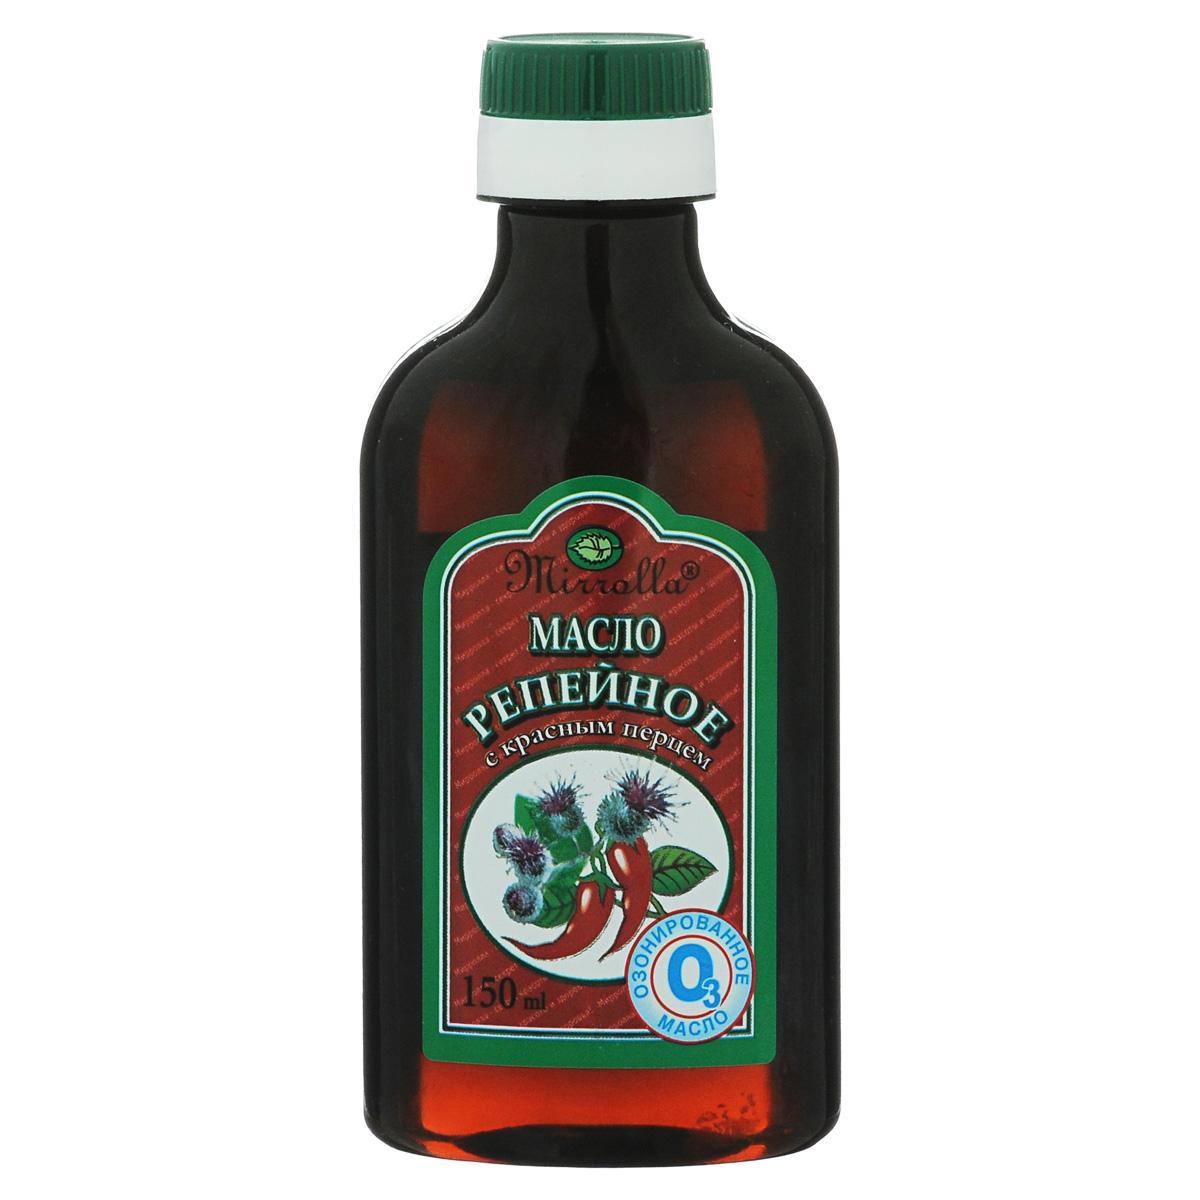 Мирролла Репейное масло с красным перцем, озонированное, 150 мл